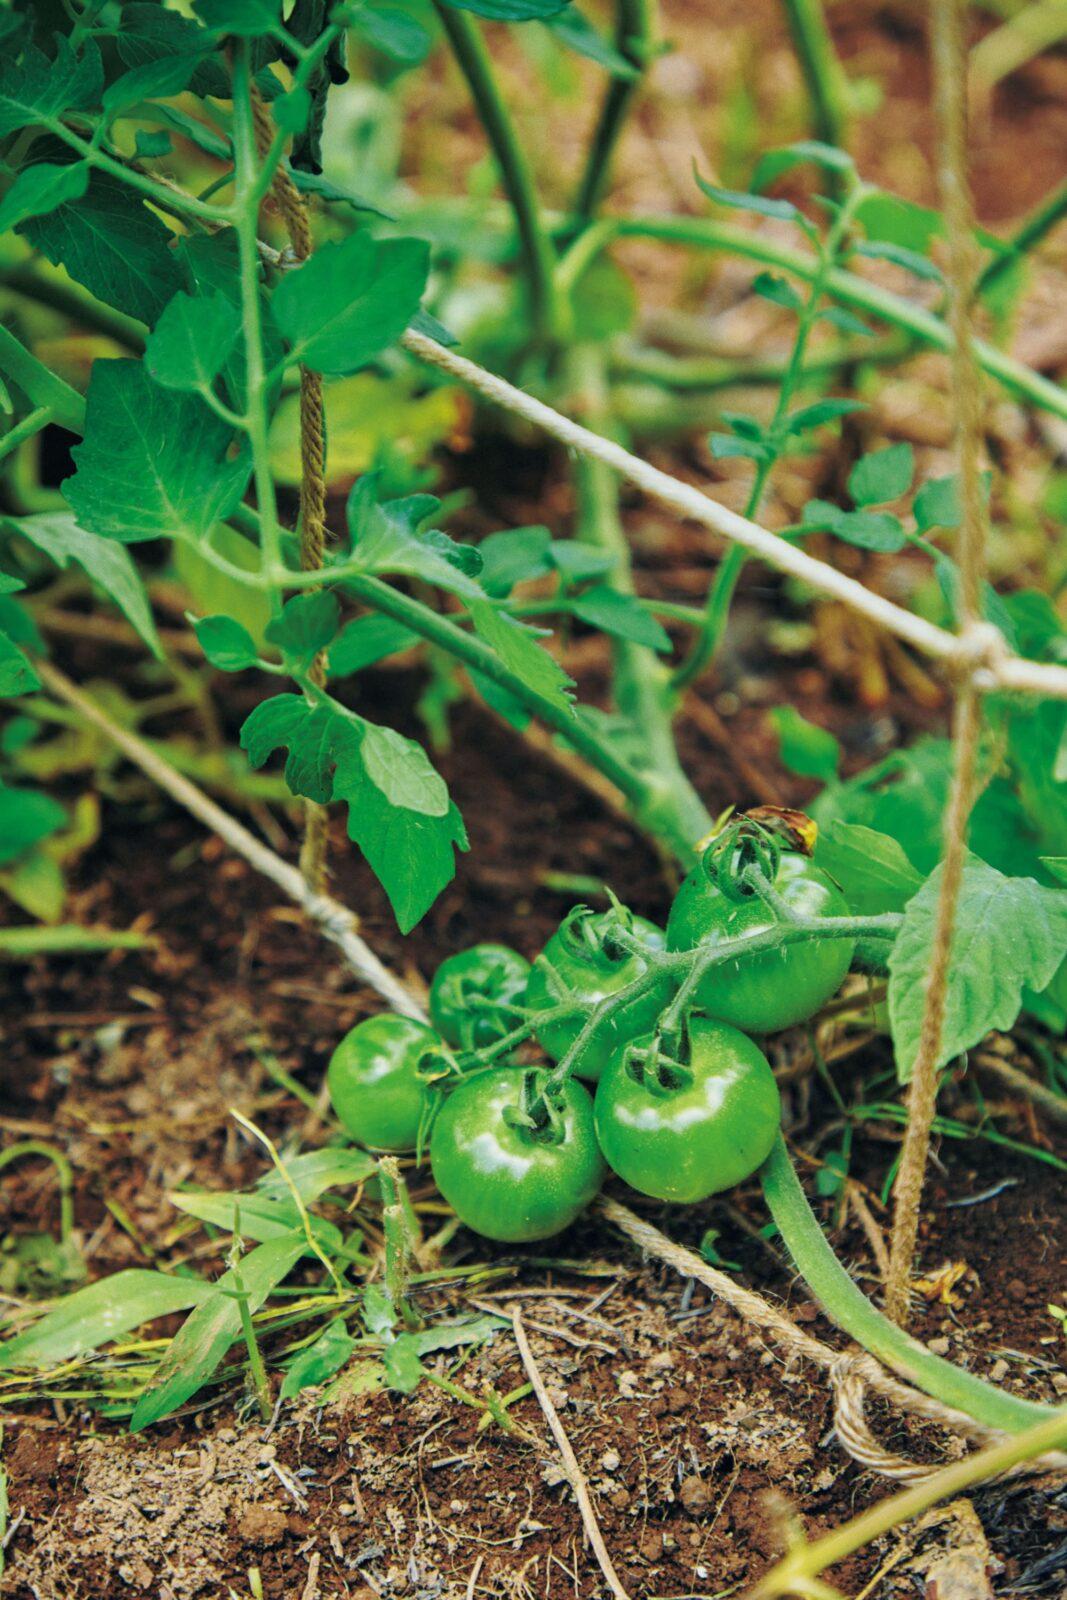 「トマトもネギも、野菜自体の力が強いから虫がつかない。びっくりするほどおいしいうえに、栄養価も高いんです」